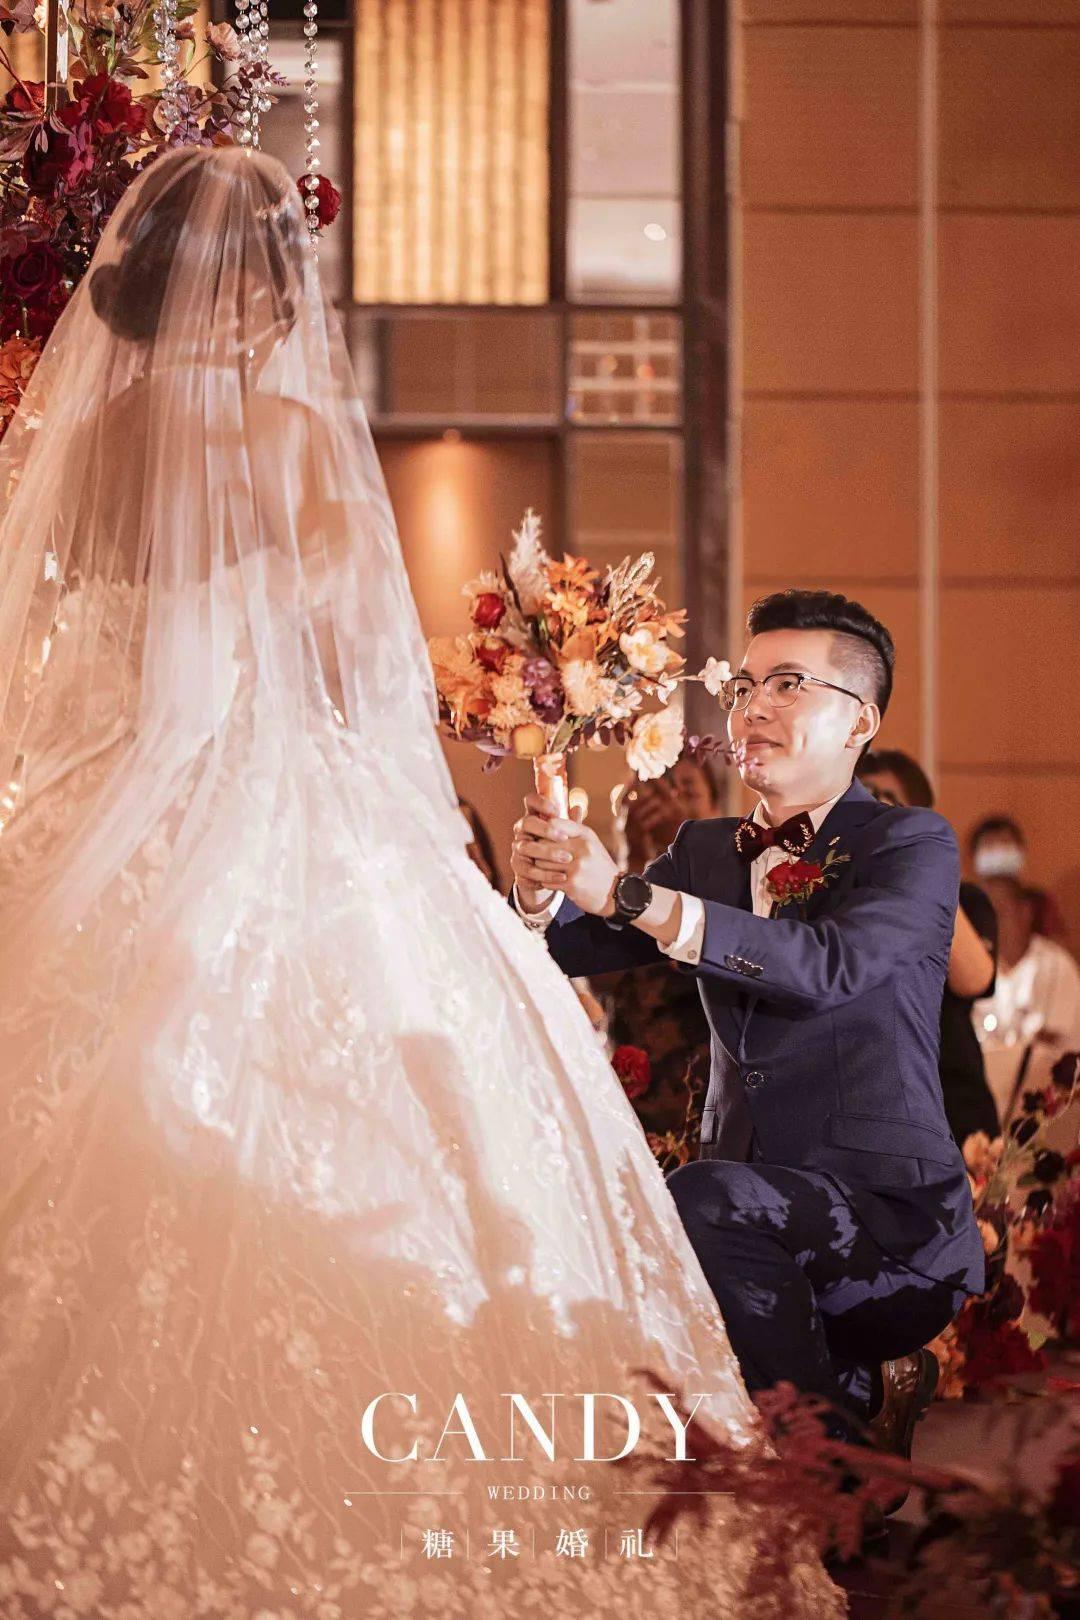 婚纱与你_时光与你都很甜